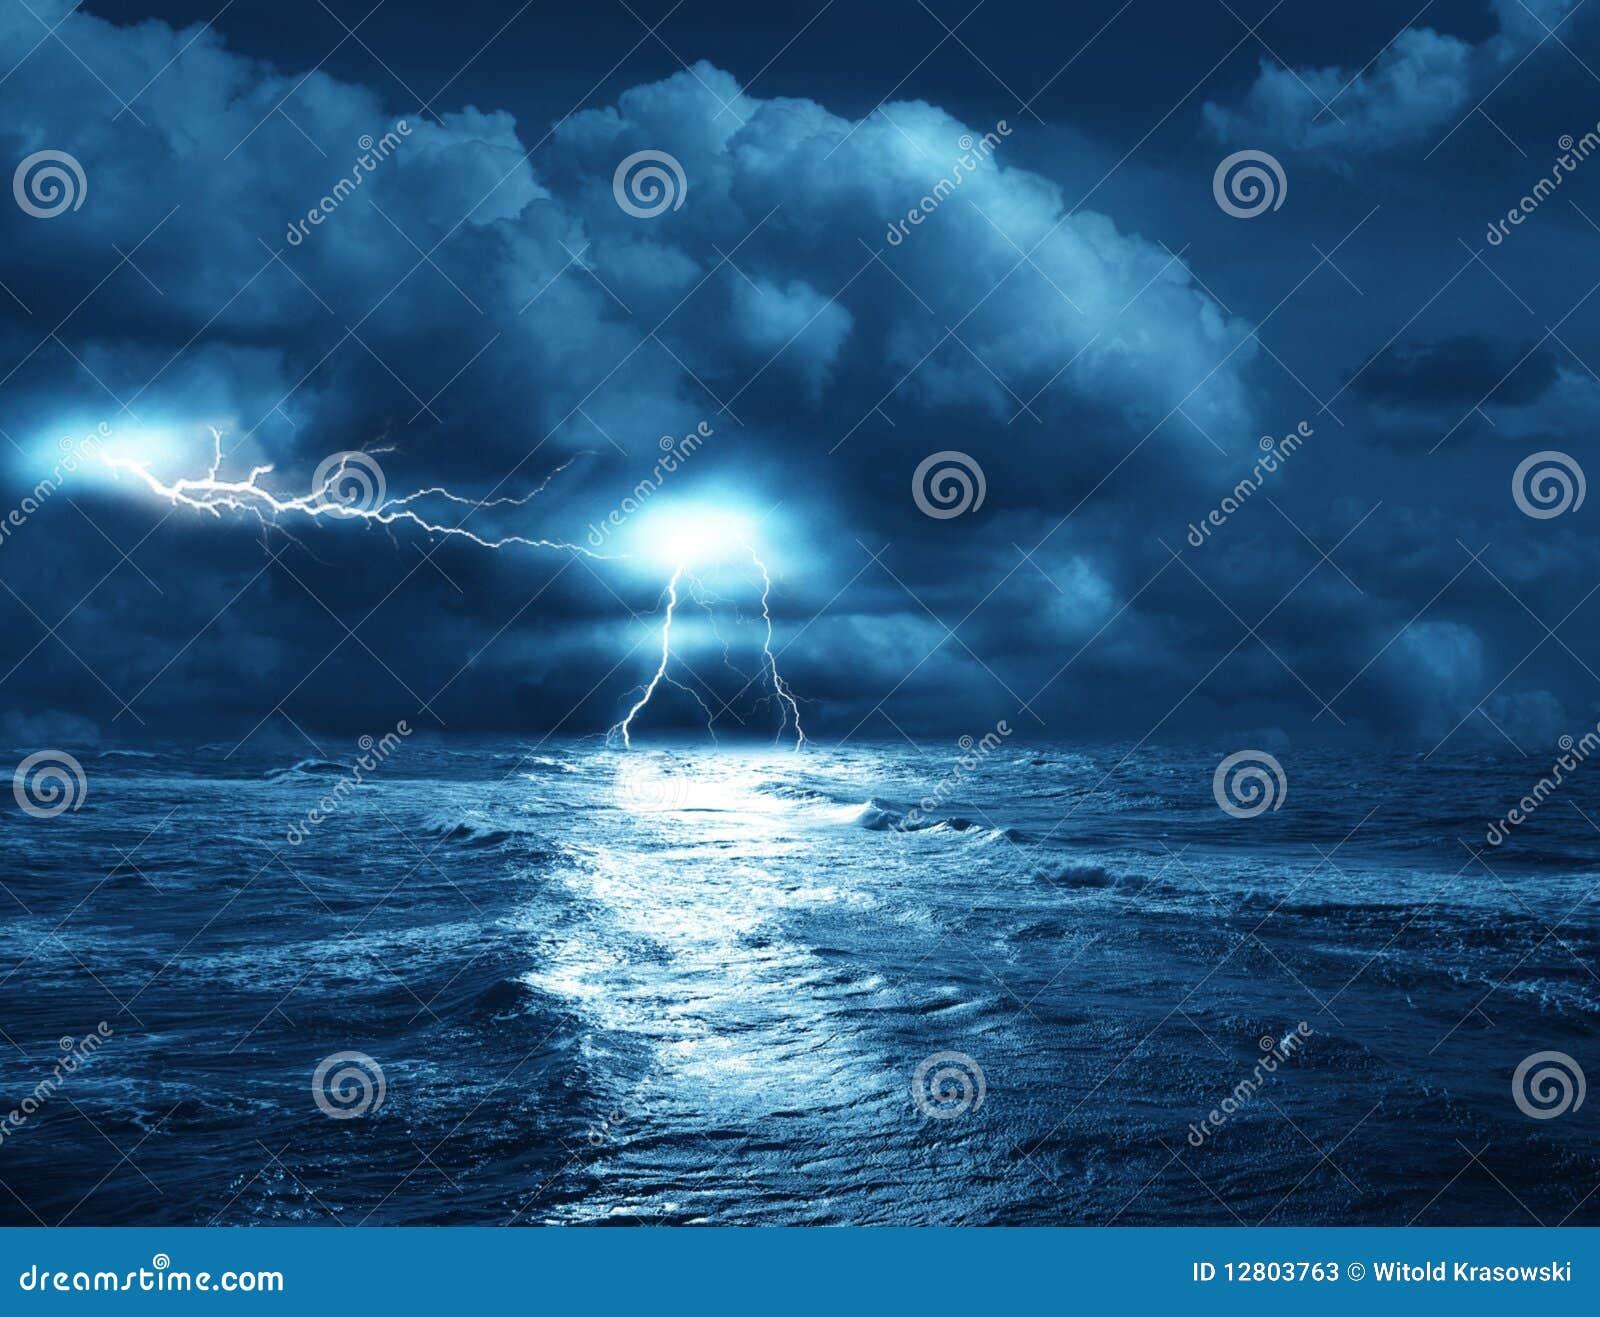 La tempesta sul mare dai lampi su priorità bassa delle nubi.